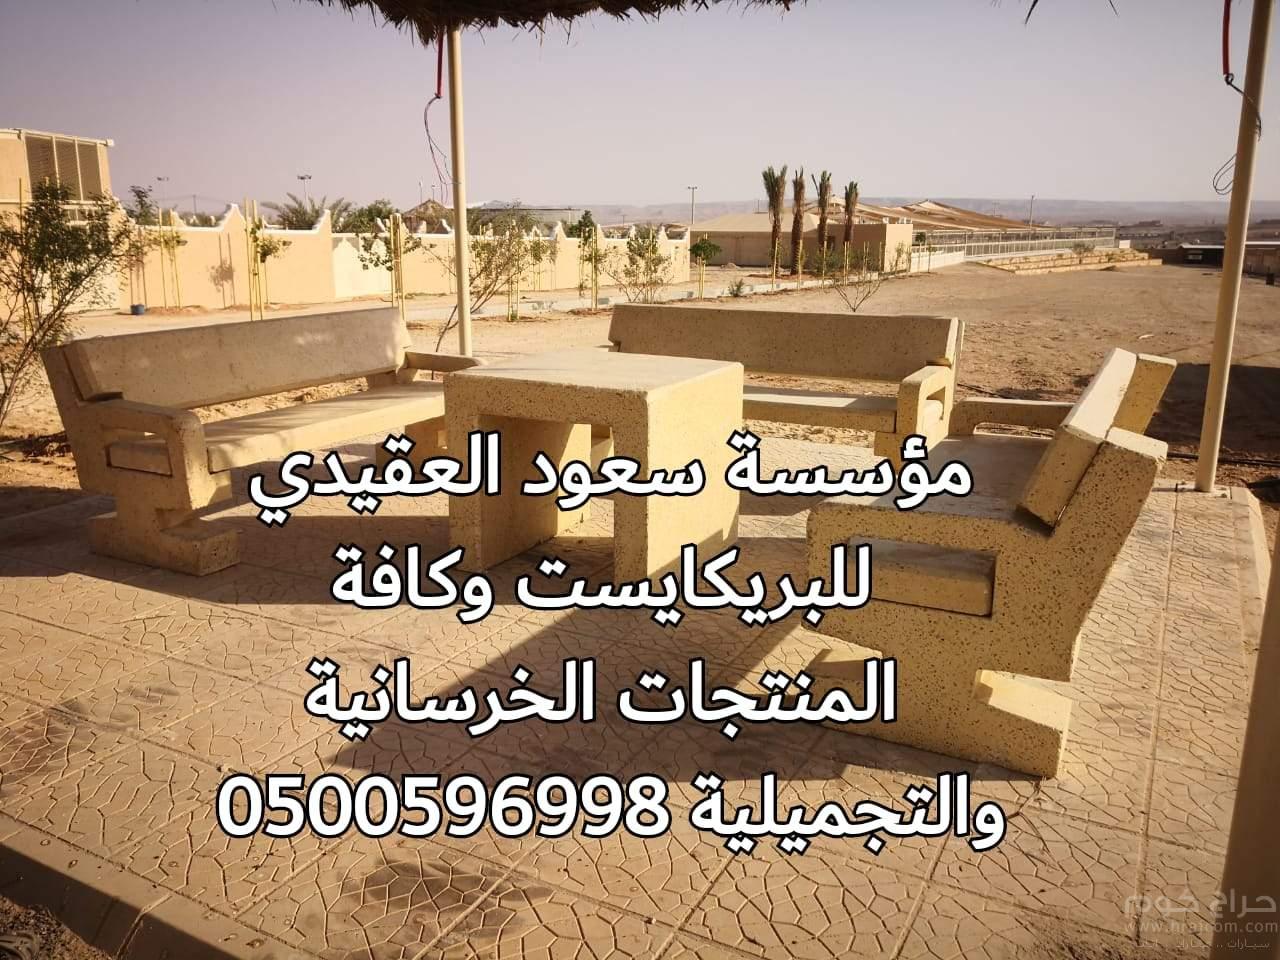 حواجز  طرق خرسانيه  بالرياض 0500596998